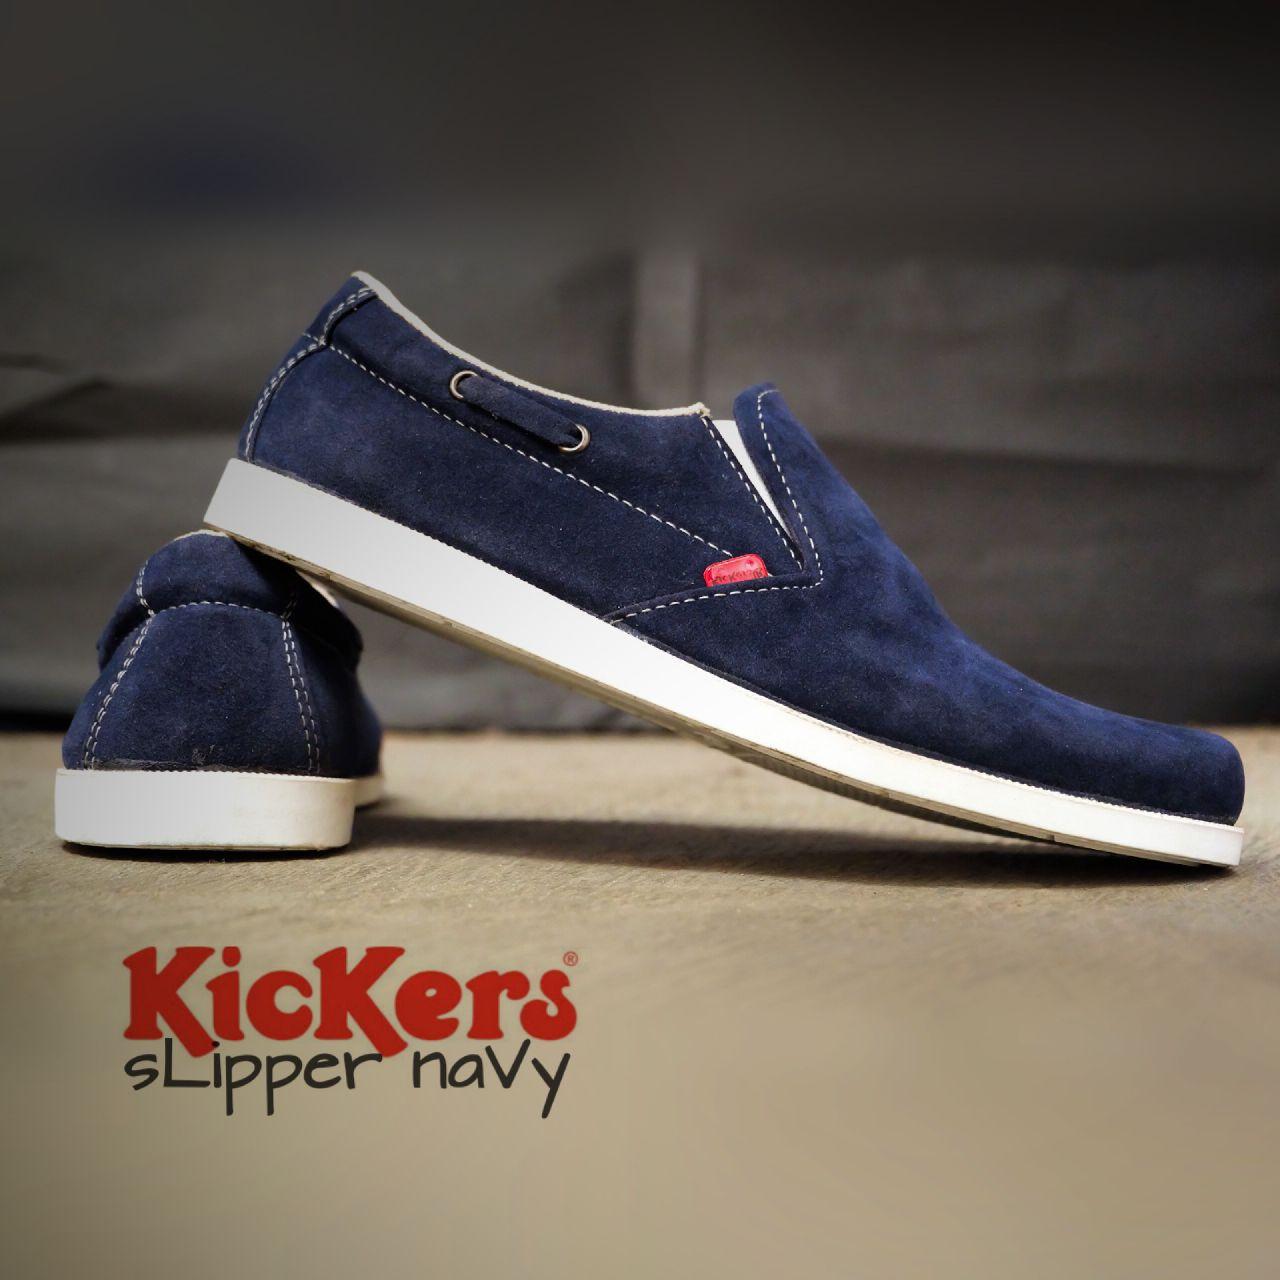 sepatu kicker slipper navy suede